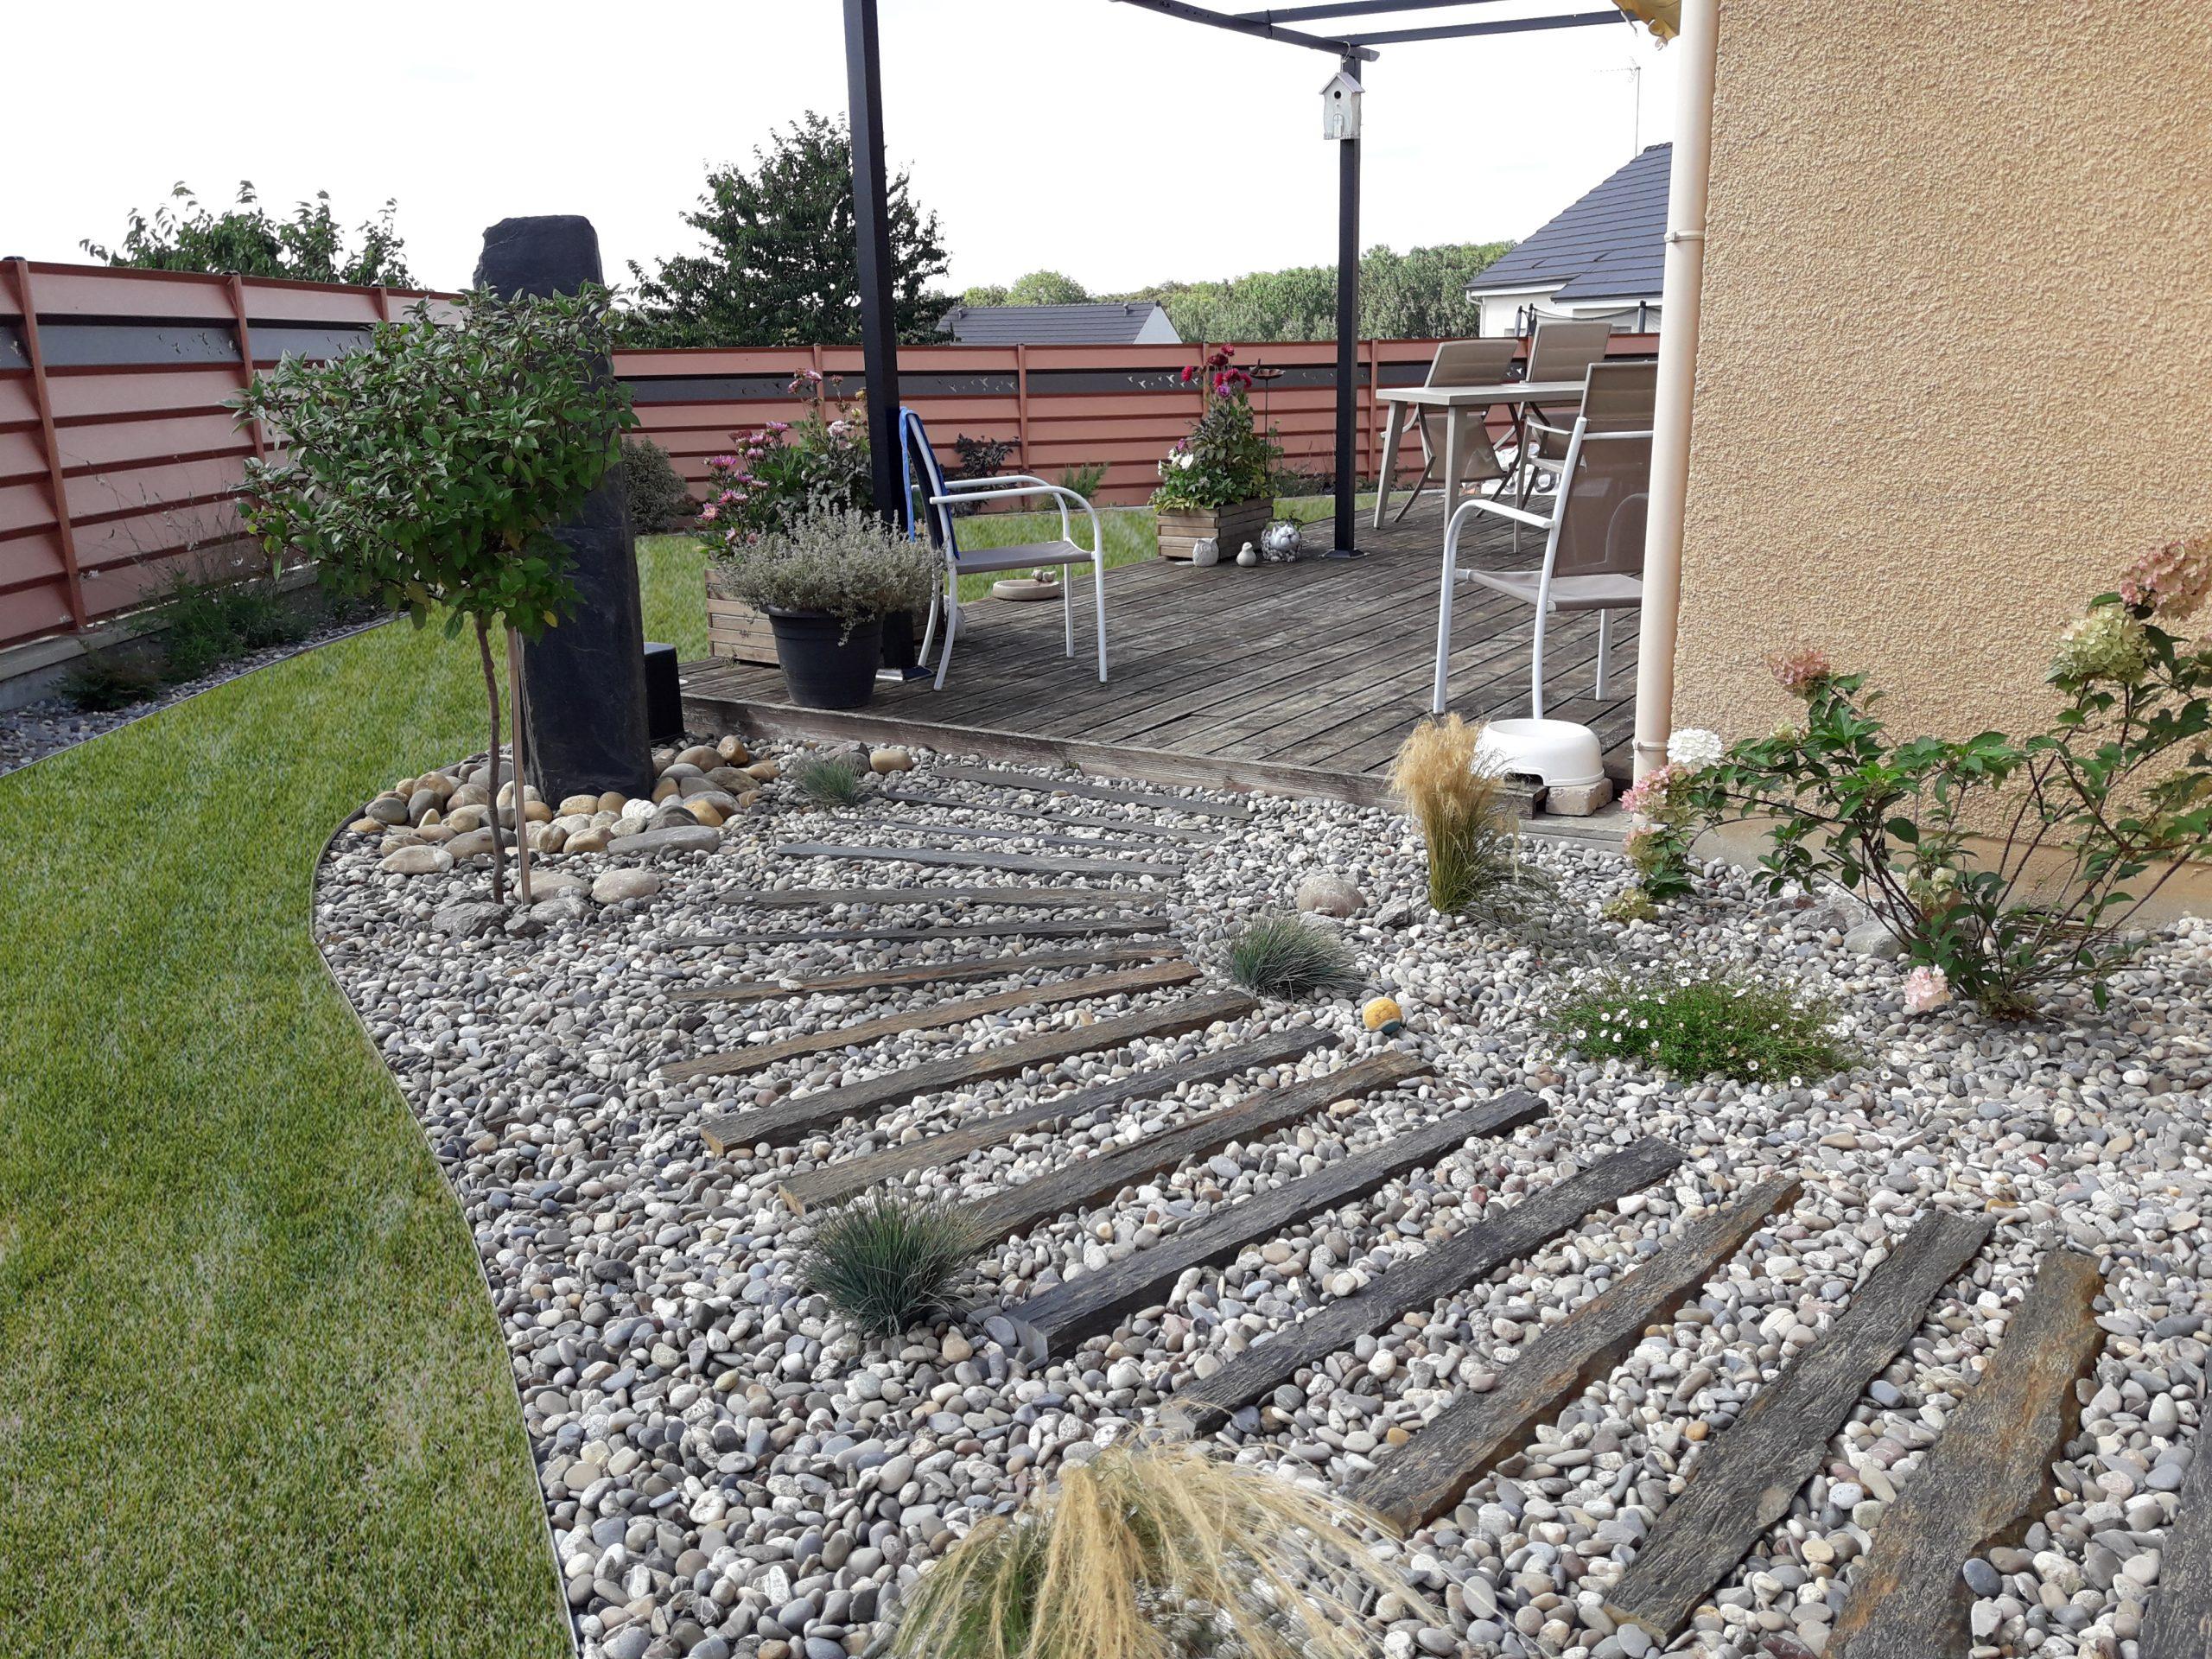 Colver créateur jardin paysagiste oise noyon compiègne aménagement allée cailloux pas japonais